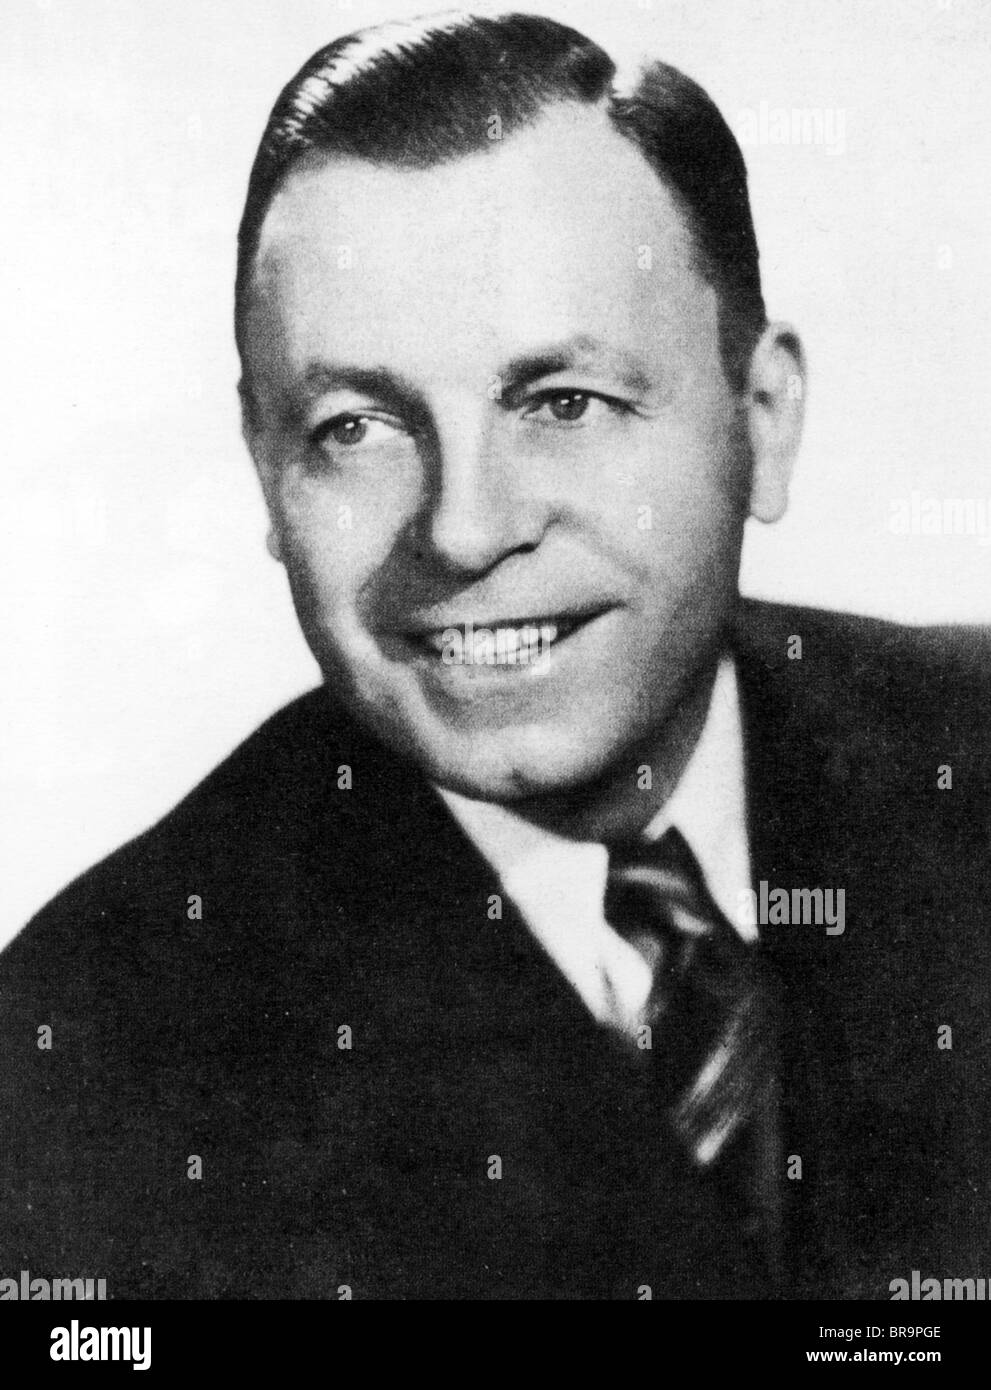 JIMMIE DAVIS - US musicien country et homme politique (1899-2000) Photo Stock